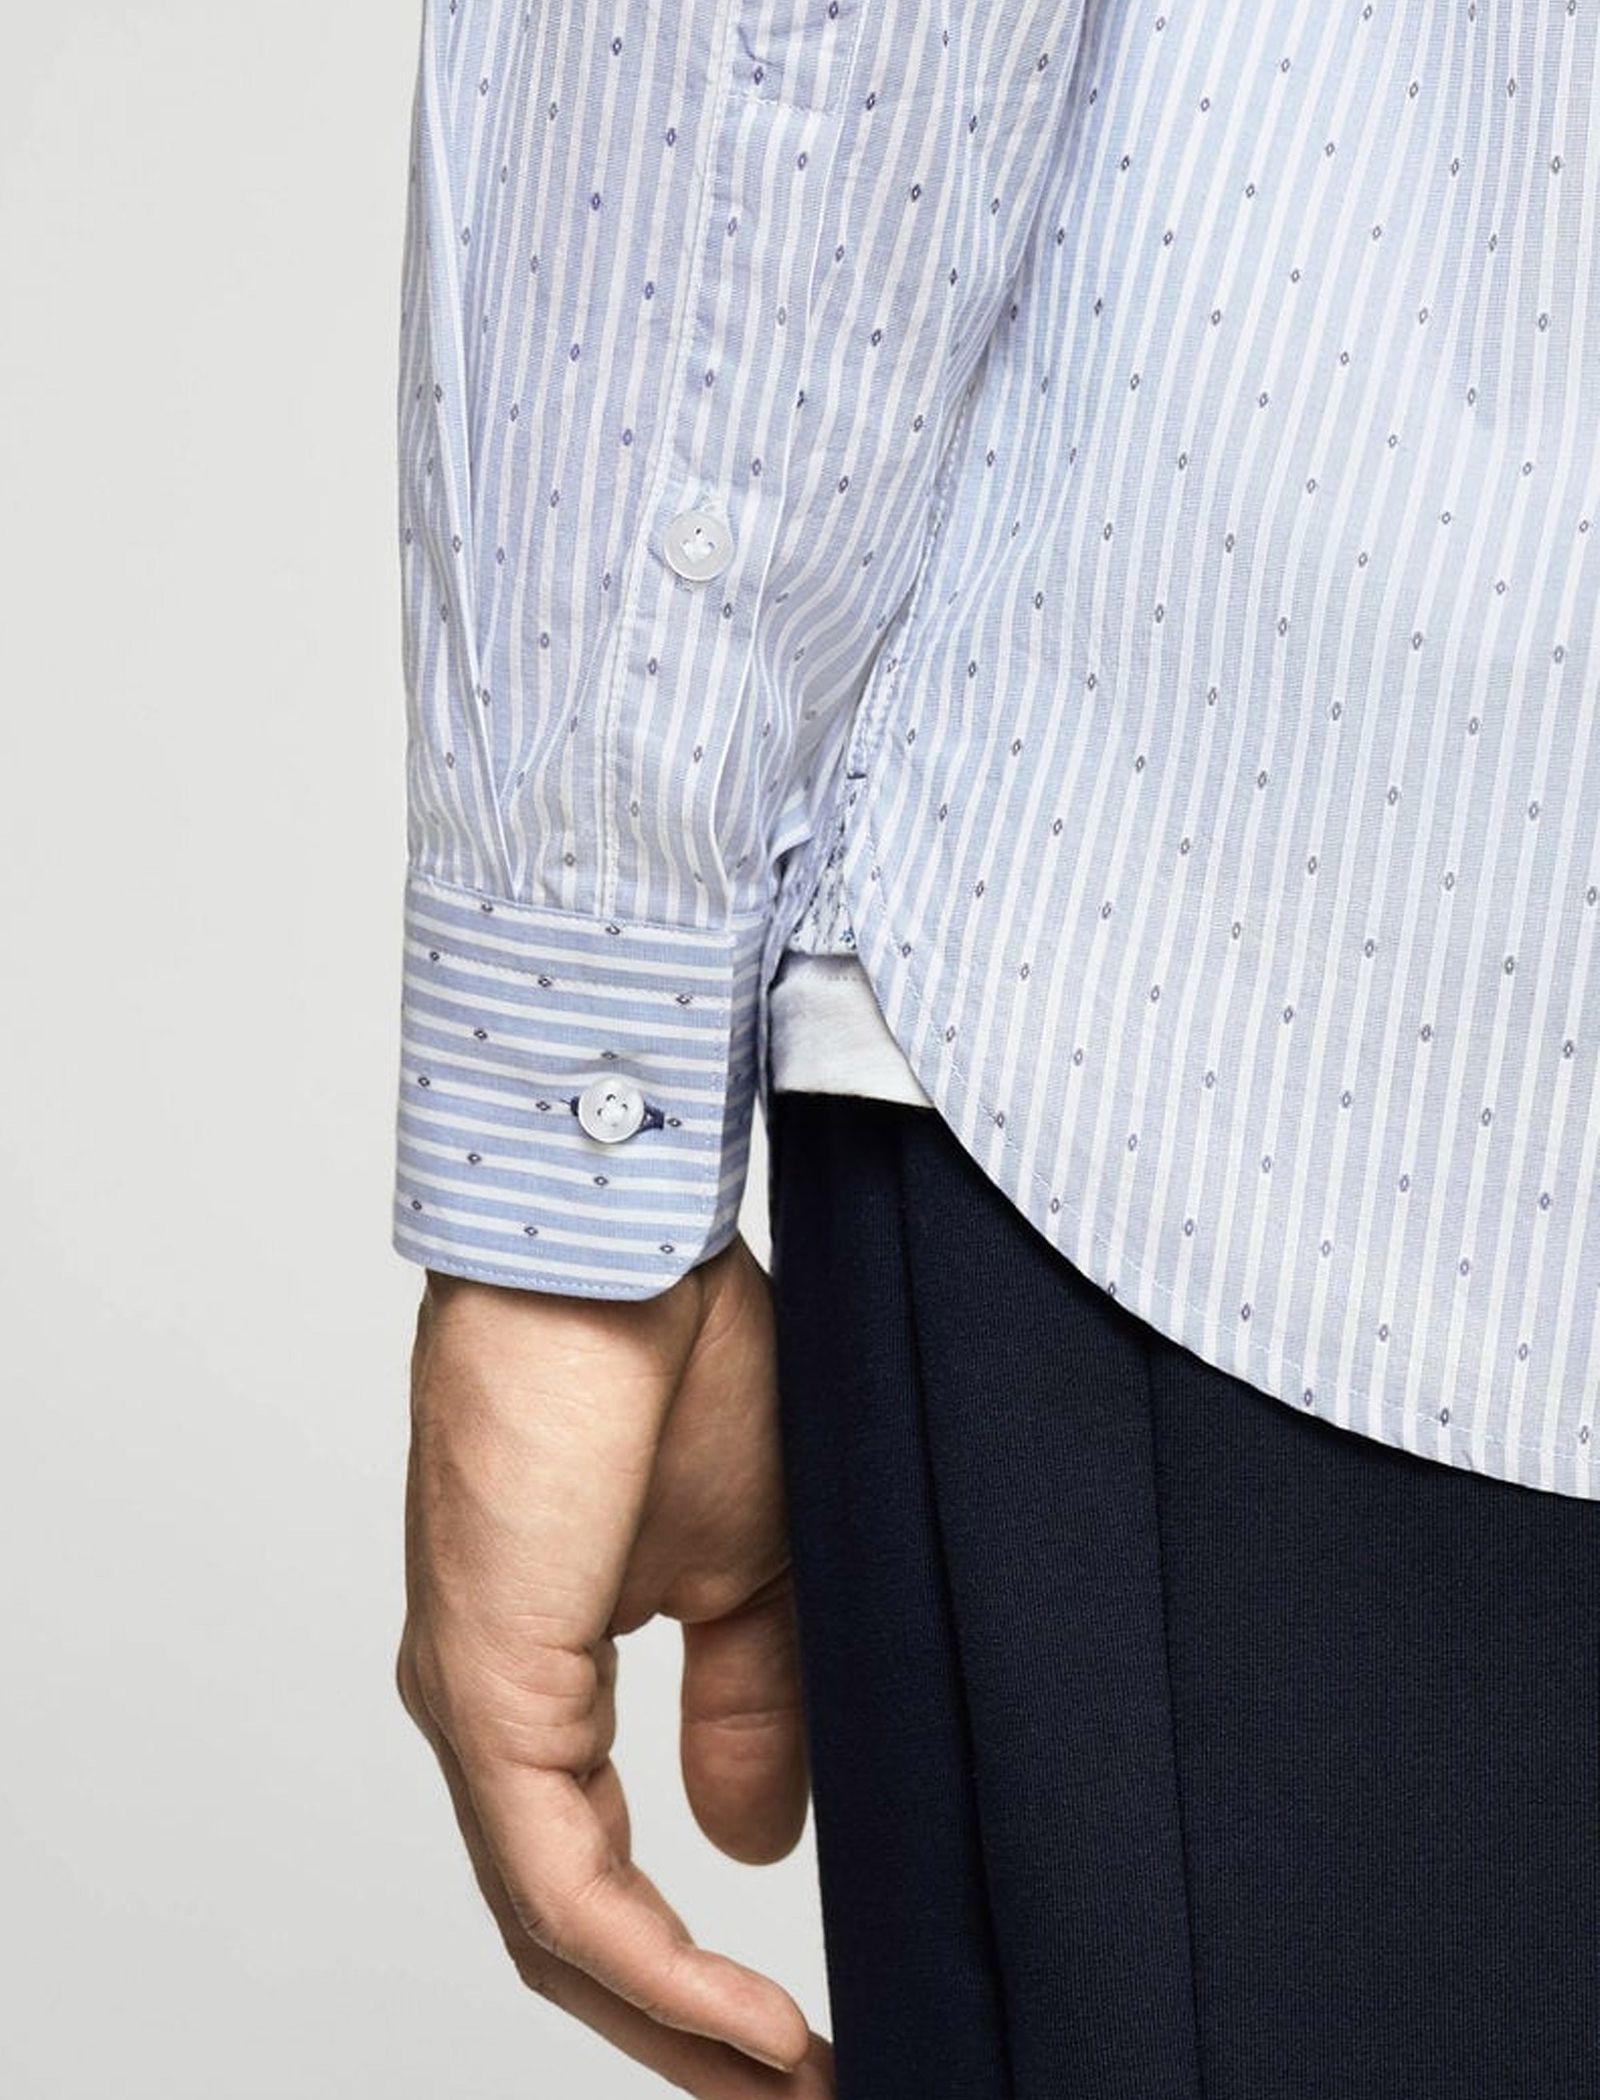 پیراهن نخی آستین بلند مردانه - مانگو - آبي آسماني - 3